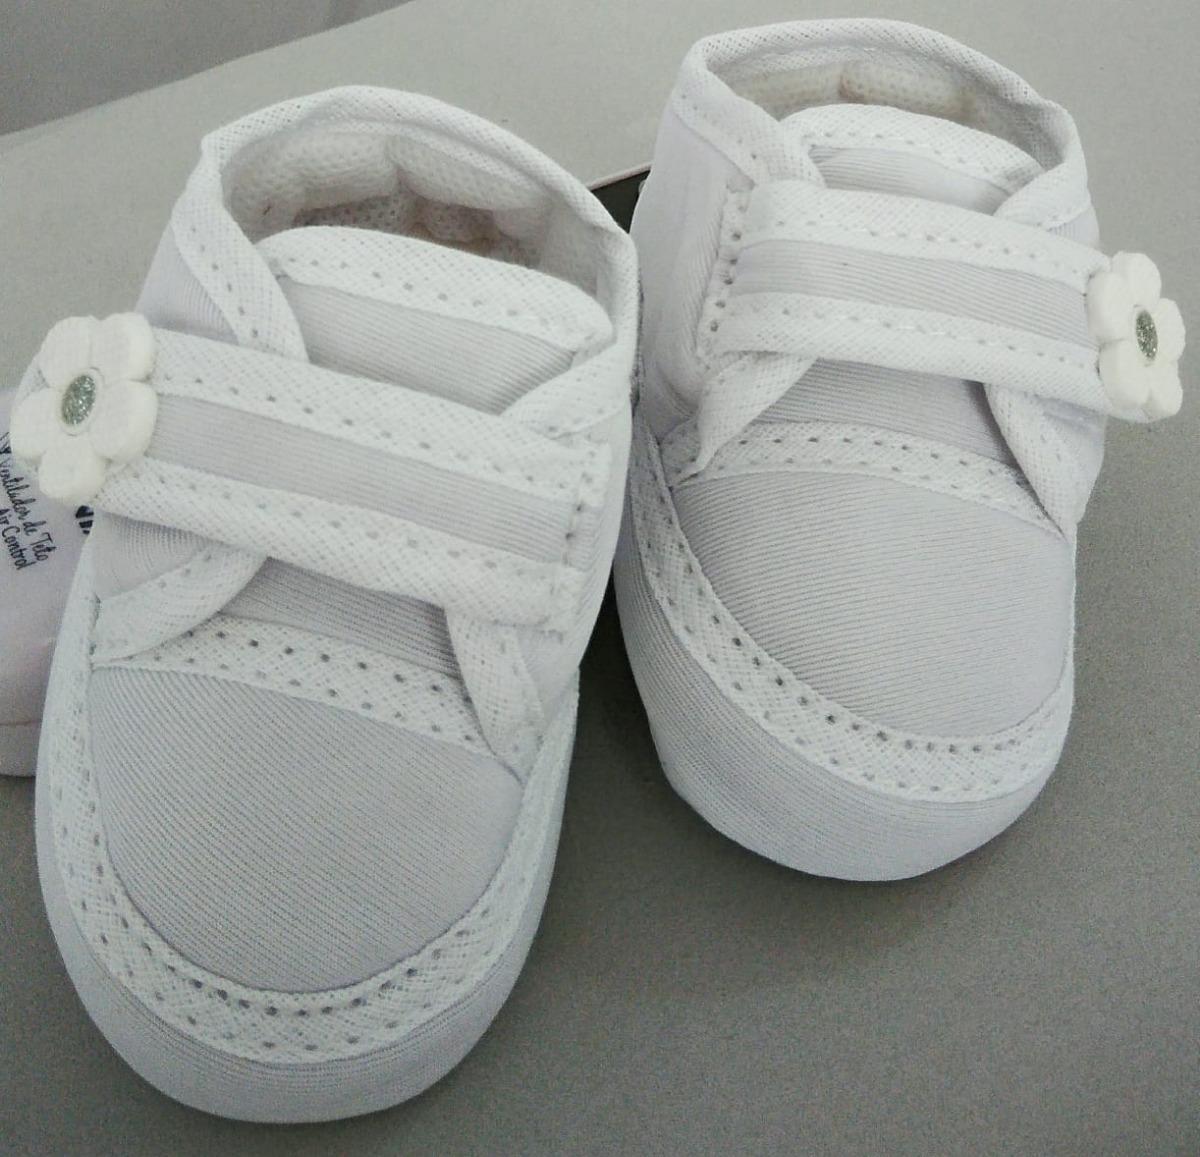 8e04c2ca90 sapatinho de bebe branco menina tenis crepe lindo batizado. Carregando zoom.